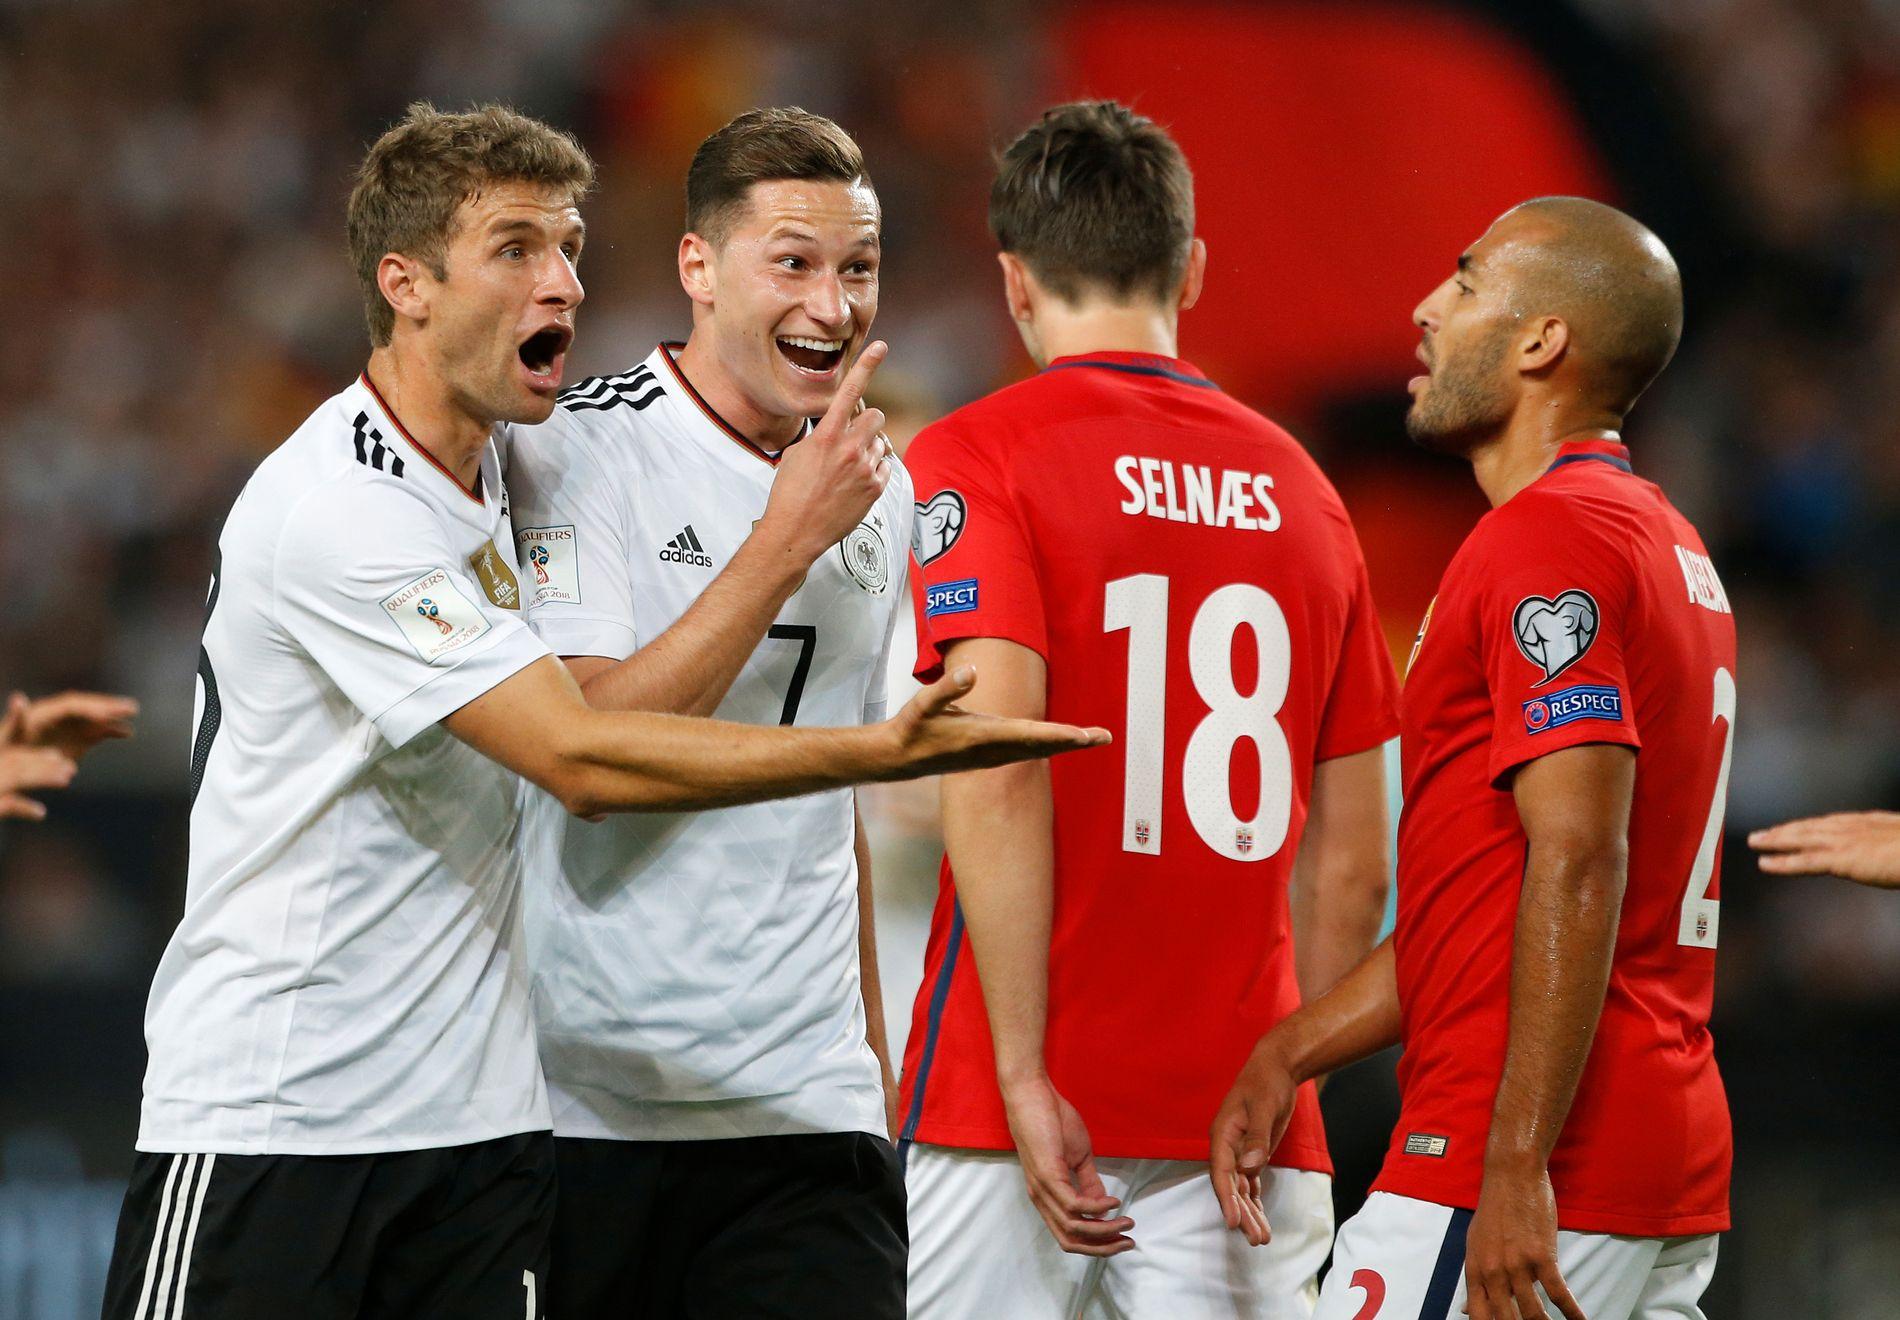 De tyske spillerne hadde all grunn til å smile, mens et norske laget ble fullstendig ydmyket.